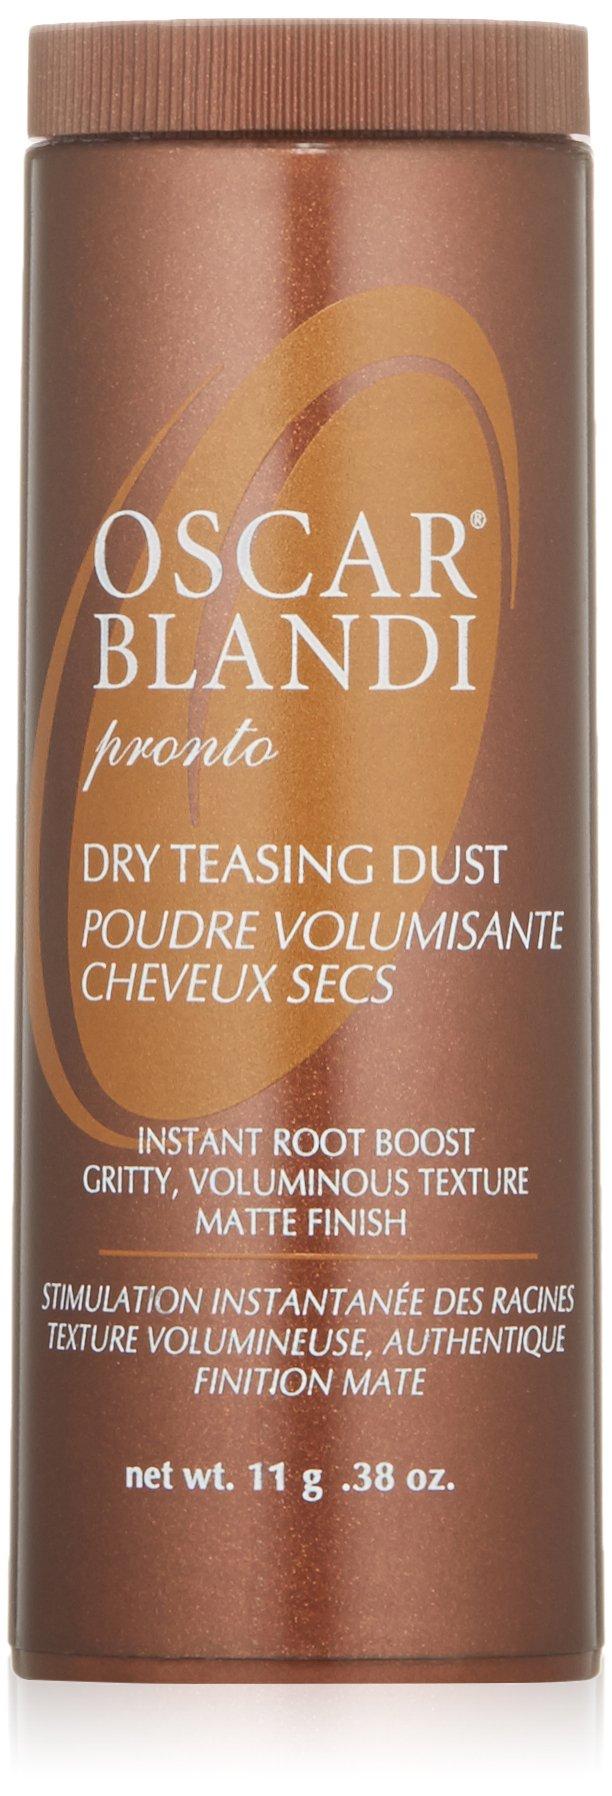 Oscar Blandi Pronto Dry Teasing Dust, 0.38 oz.